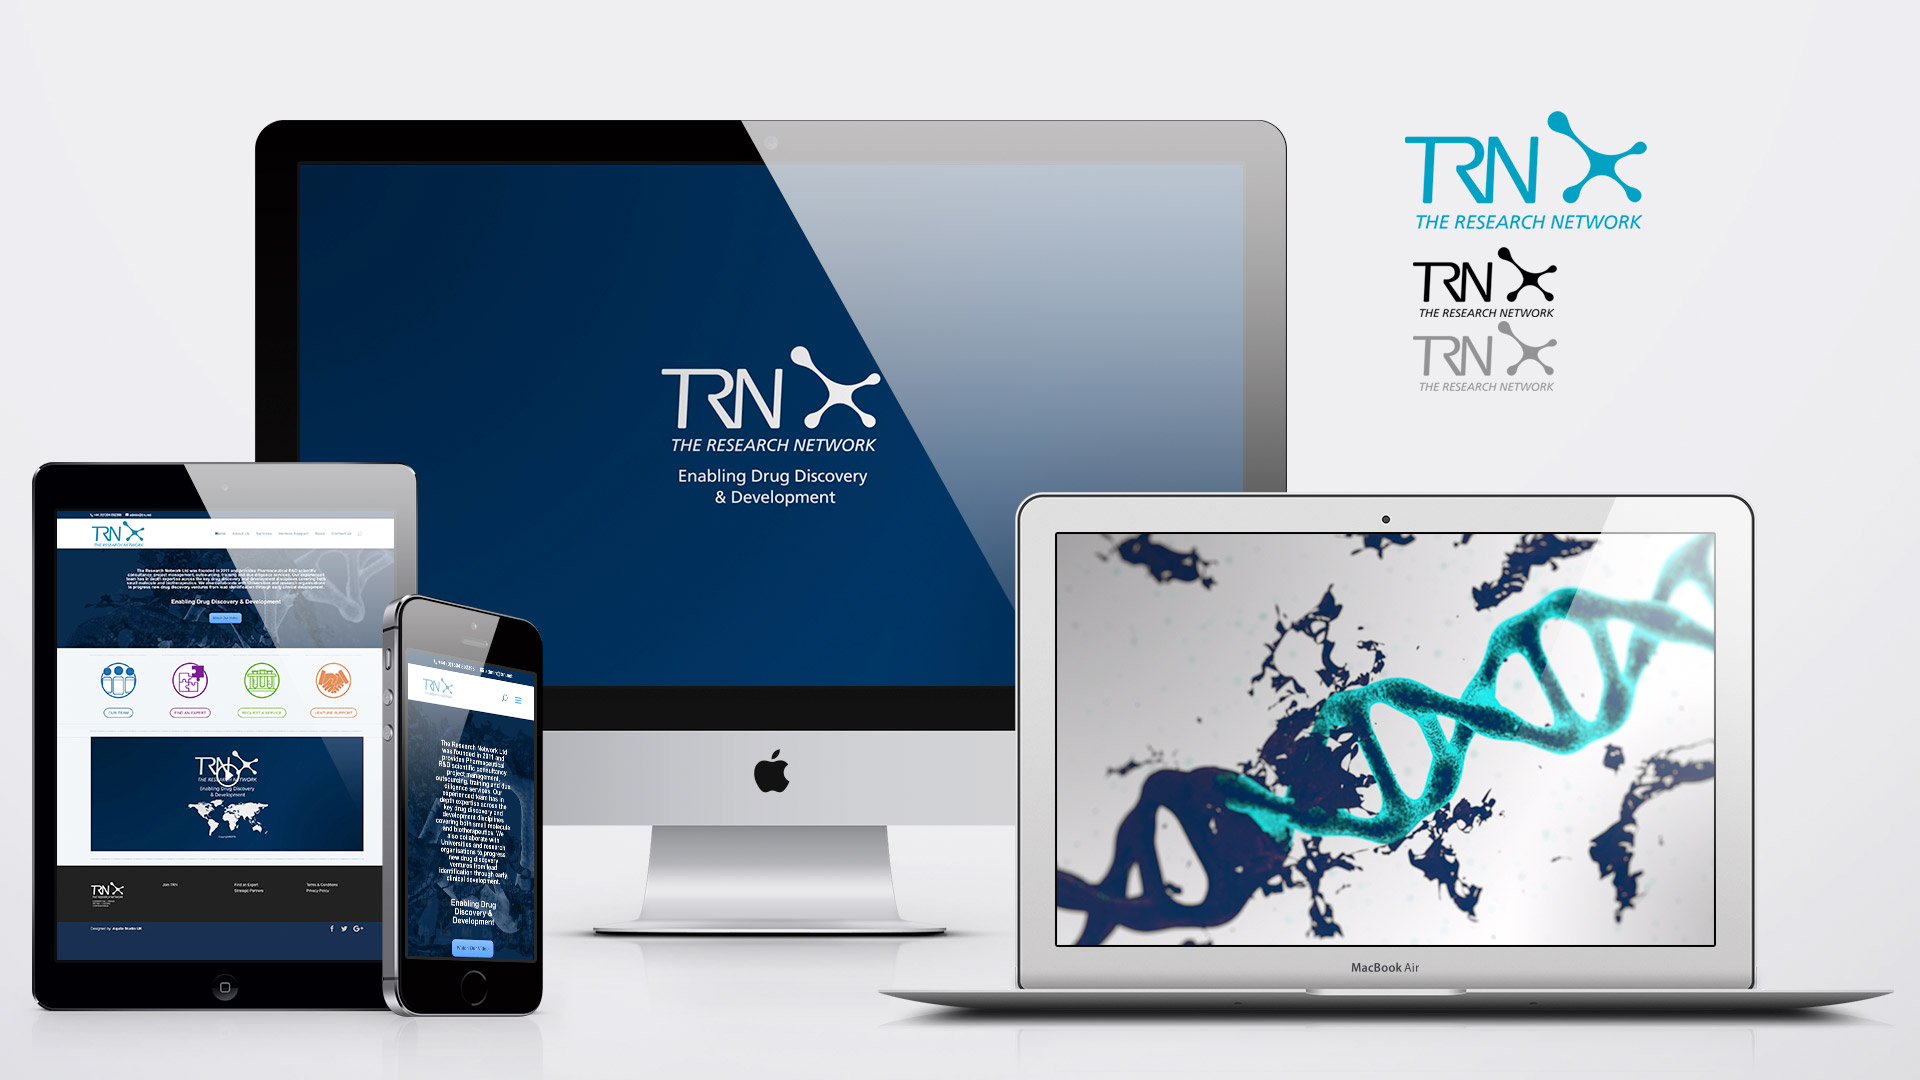 trn_1